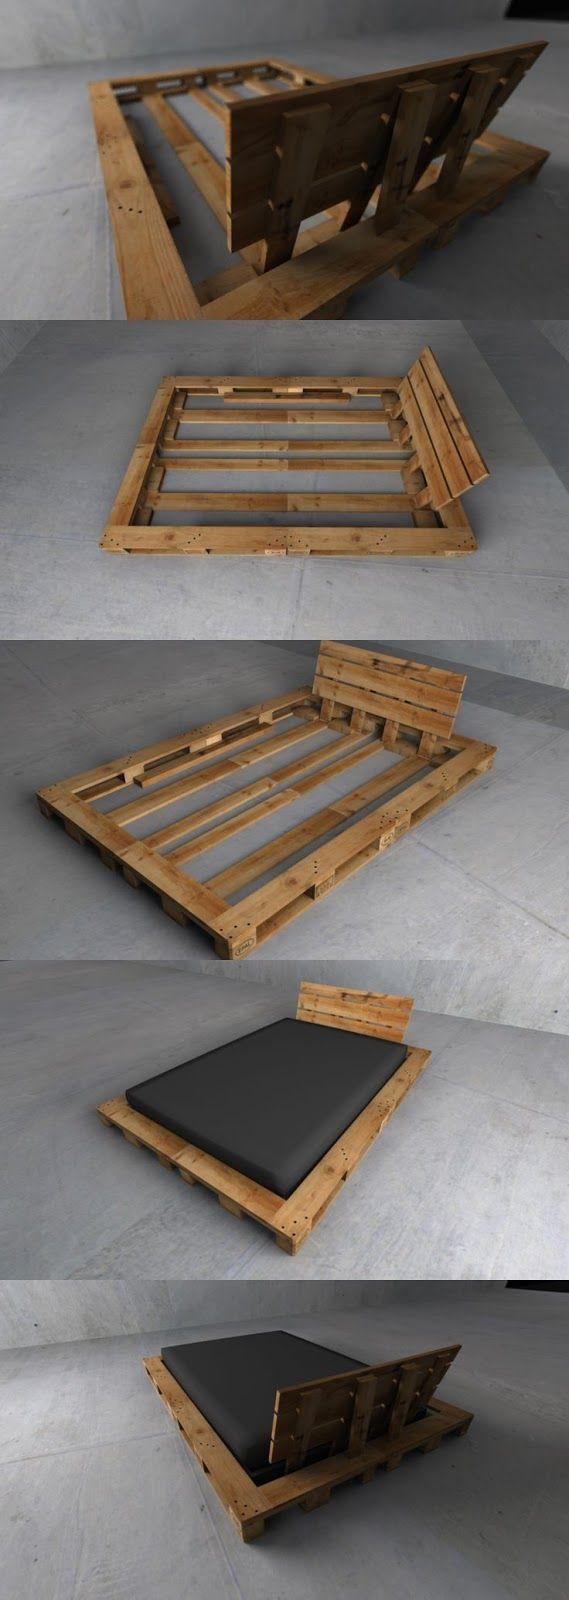 geraumiges otto detroit wohnzimmer auflisten bild oder acecfdf pallets